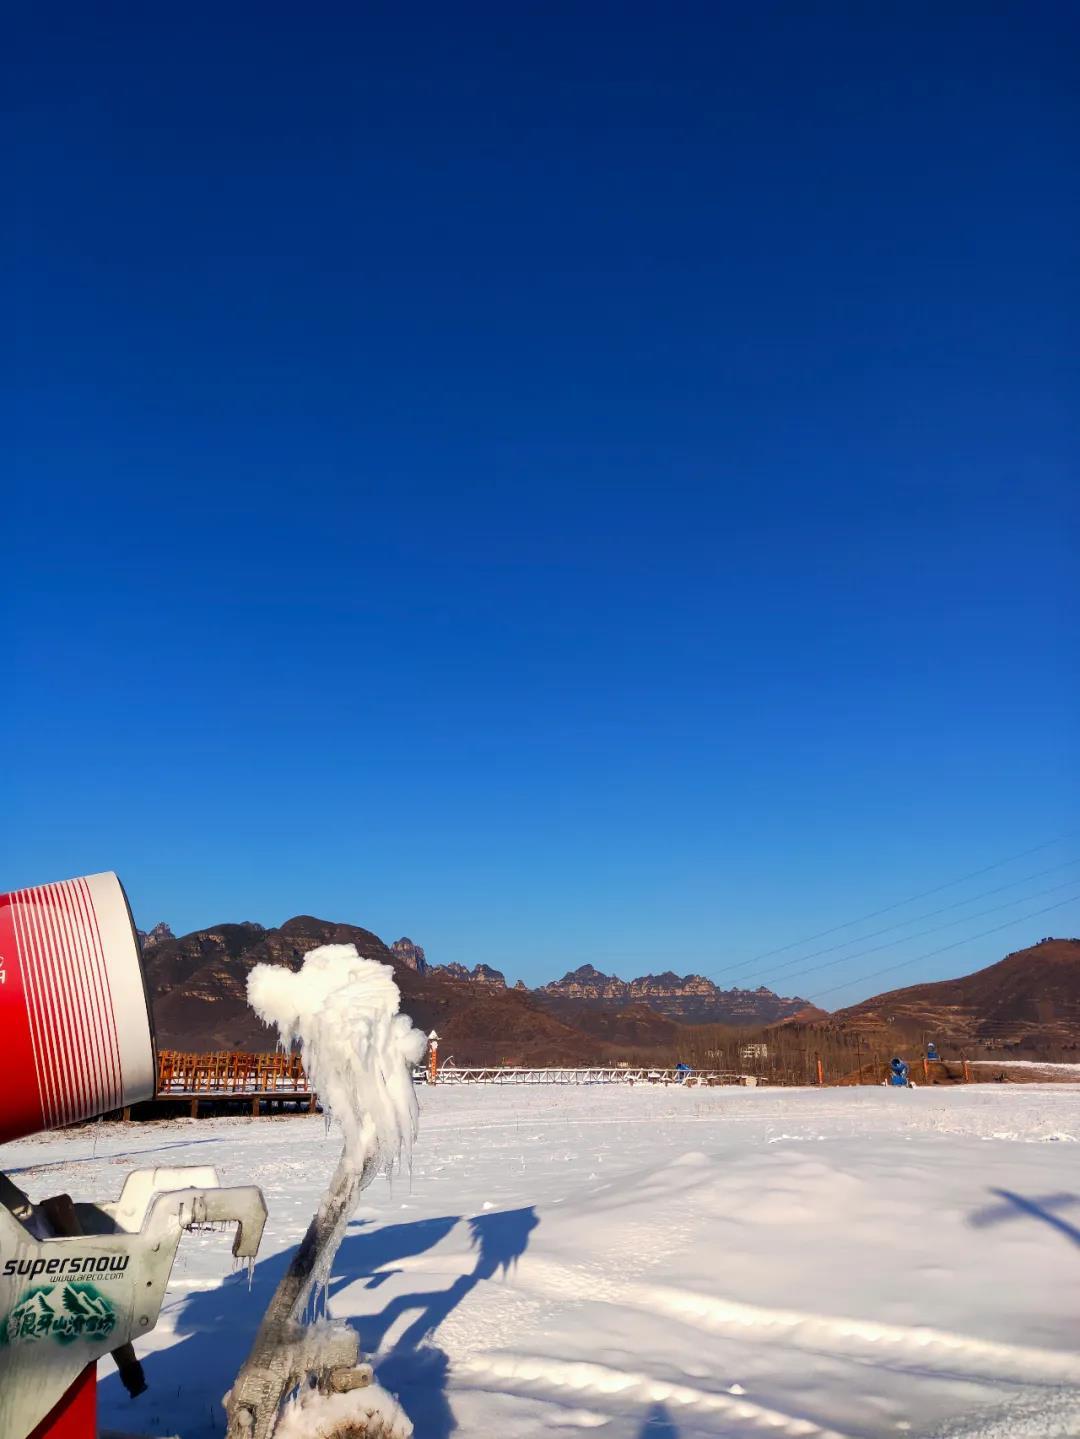 狼牙山滑雪场12月18日开园!试滑期门票70元!  第4张